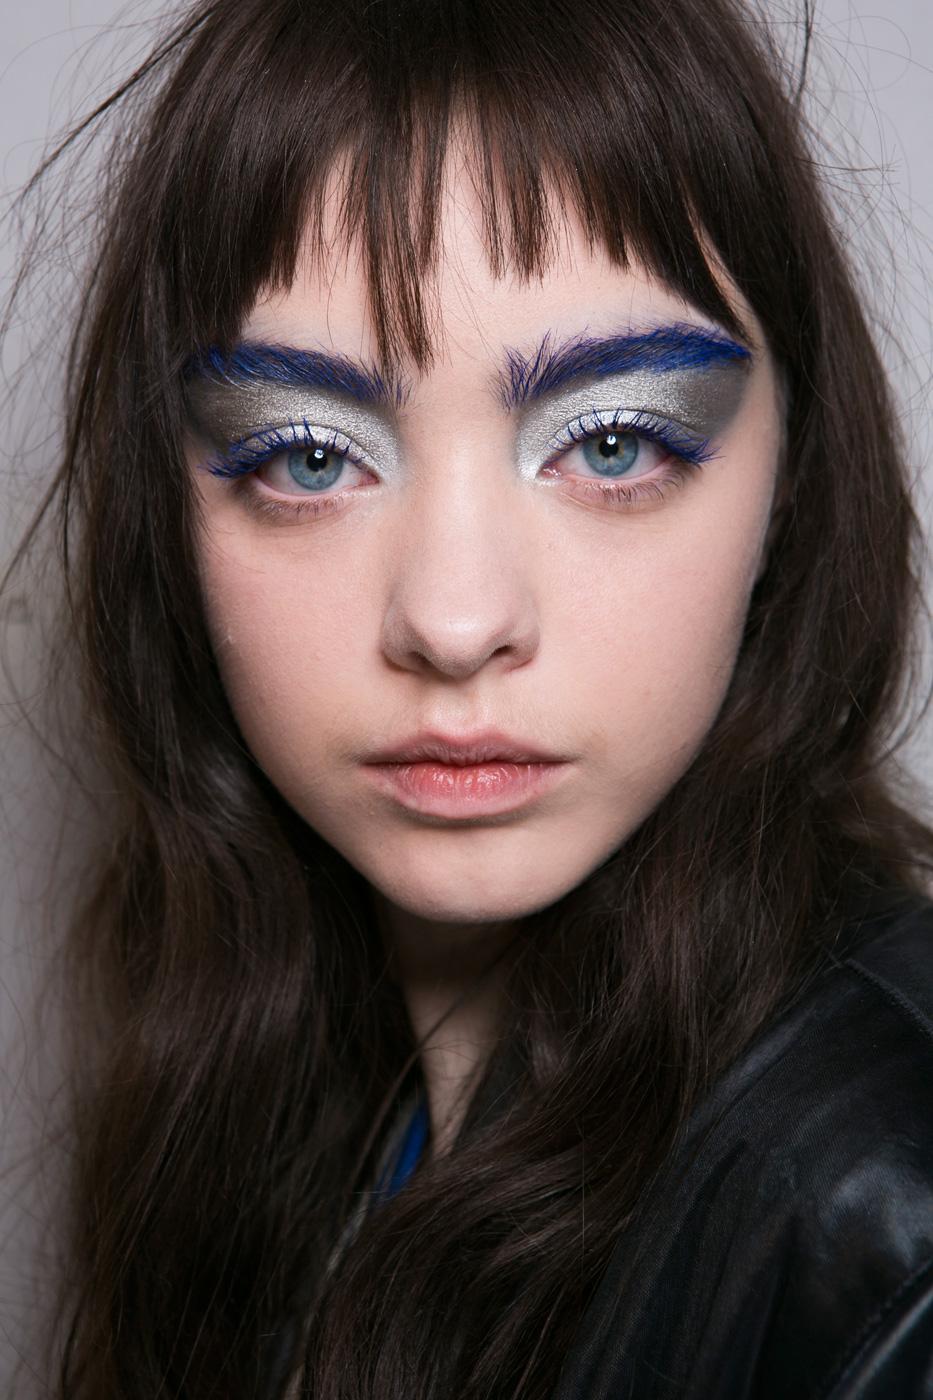 Show diễn của thương hiệu Central Saint Martins muốn truyền tải thông điệp: lông mi màu xanh đã là gì, lông mày cũng phải xanh lè mới ấn tượng!